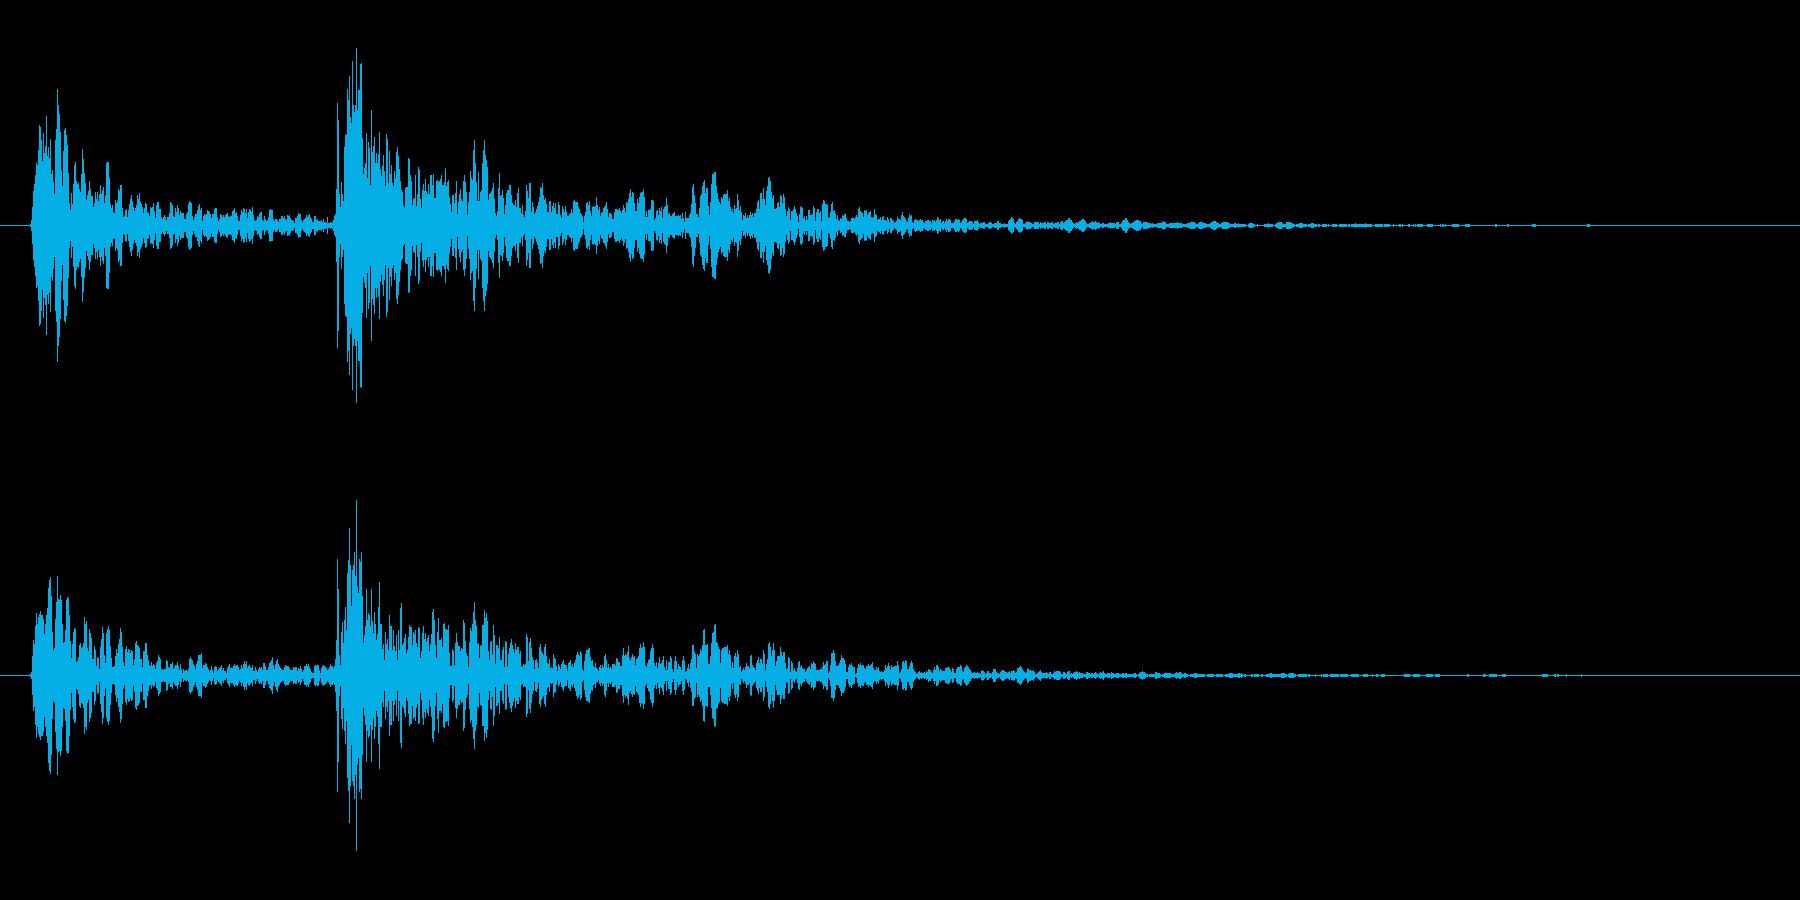 ガタンッ!「ドアを閉める音」の再生済みの波形